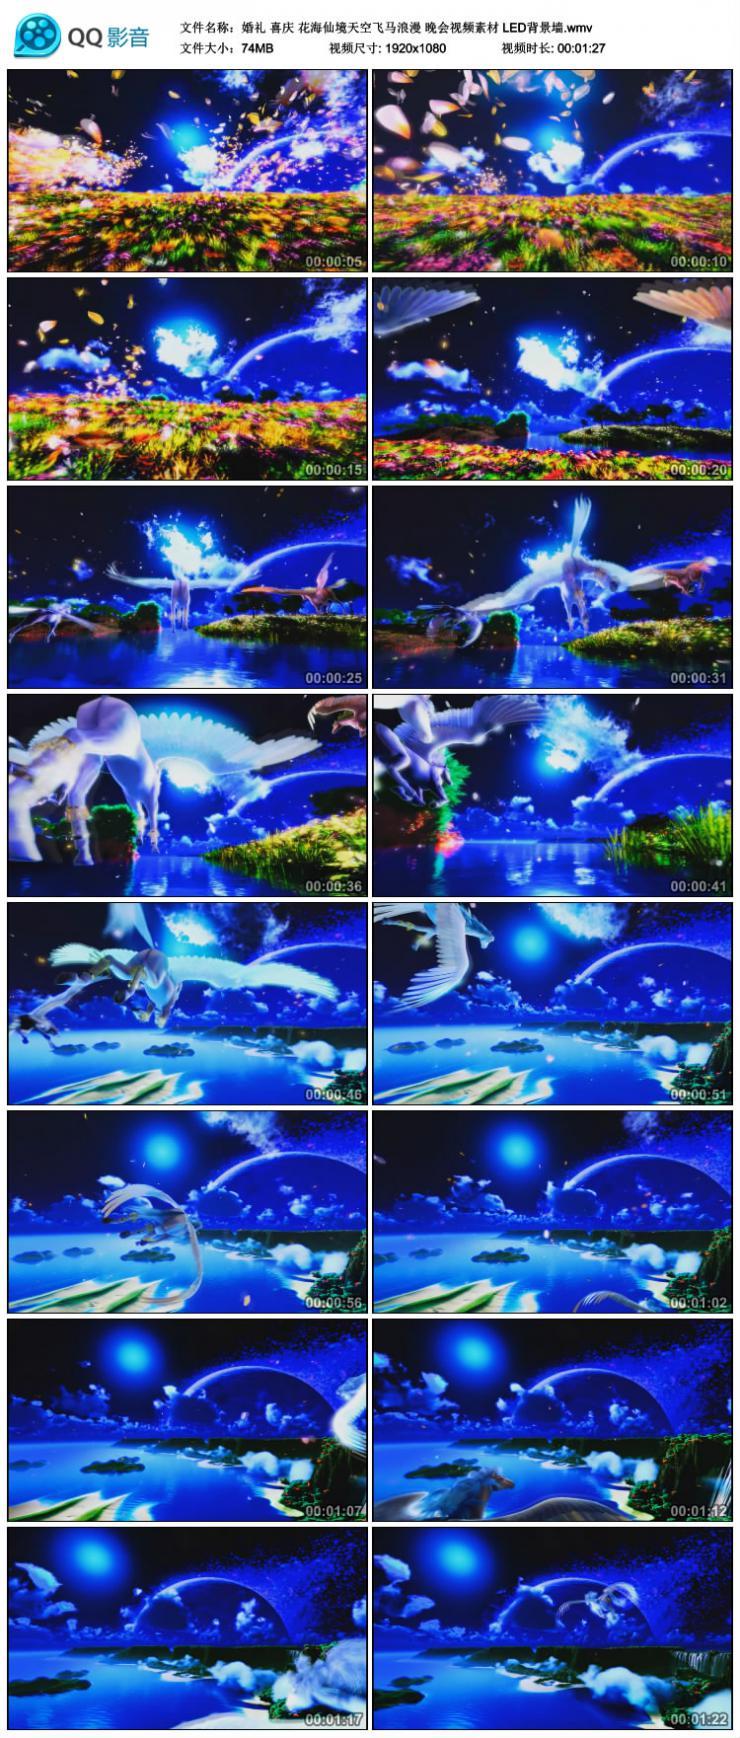 婚礼 喜庆 花海仙境天空飞马浪漫 晚会视频素材 LED背景墙